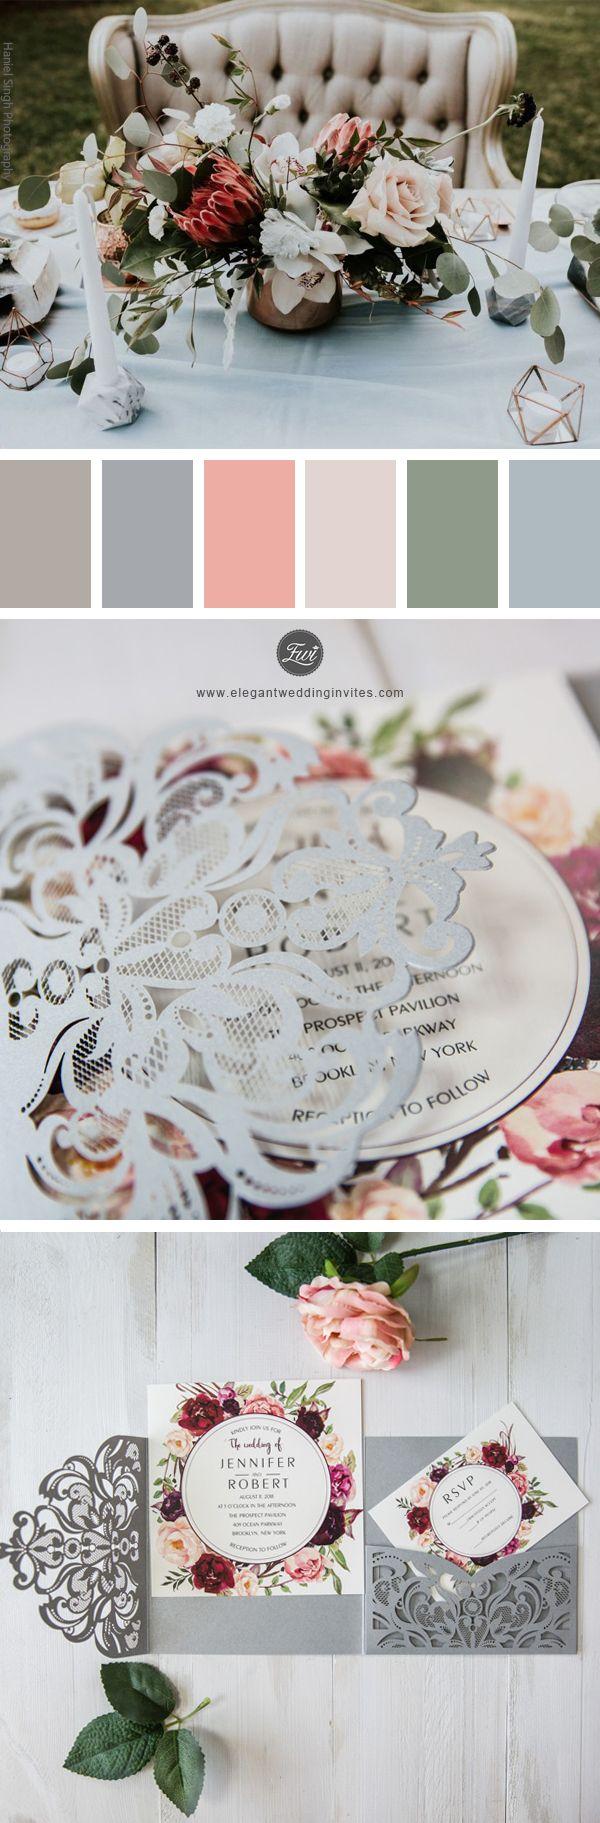 Best 25 grey wedding invitations ideas on pinterest wedding grey laser cut burgundy floral wedding invitations ewws177 wedding weddinginvitations weddingtrends wedding2018 monicamarmolfo Choice Image